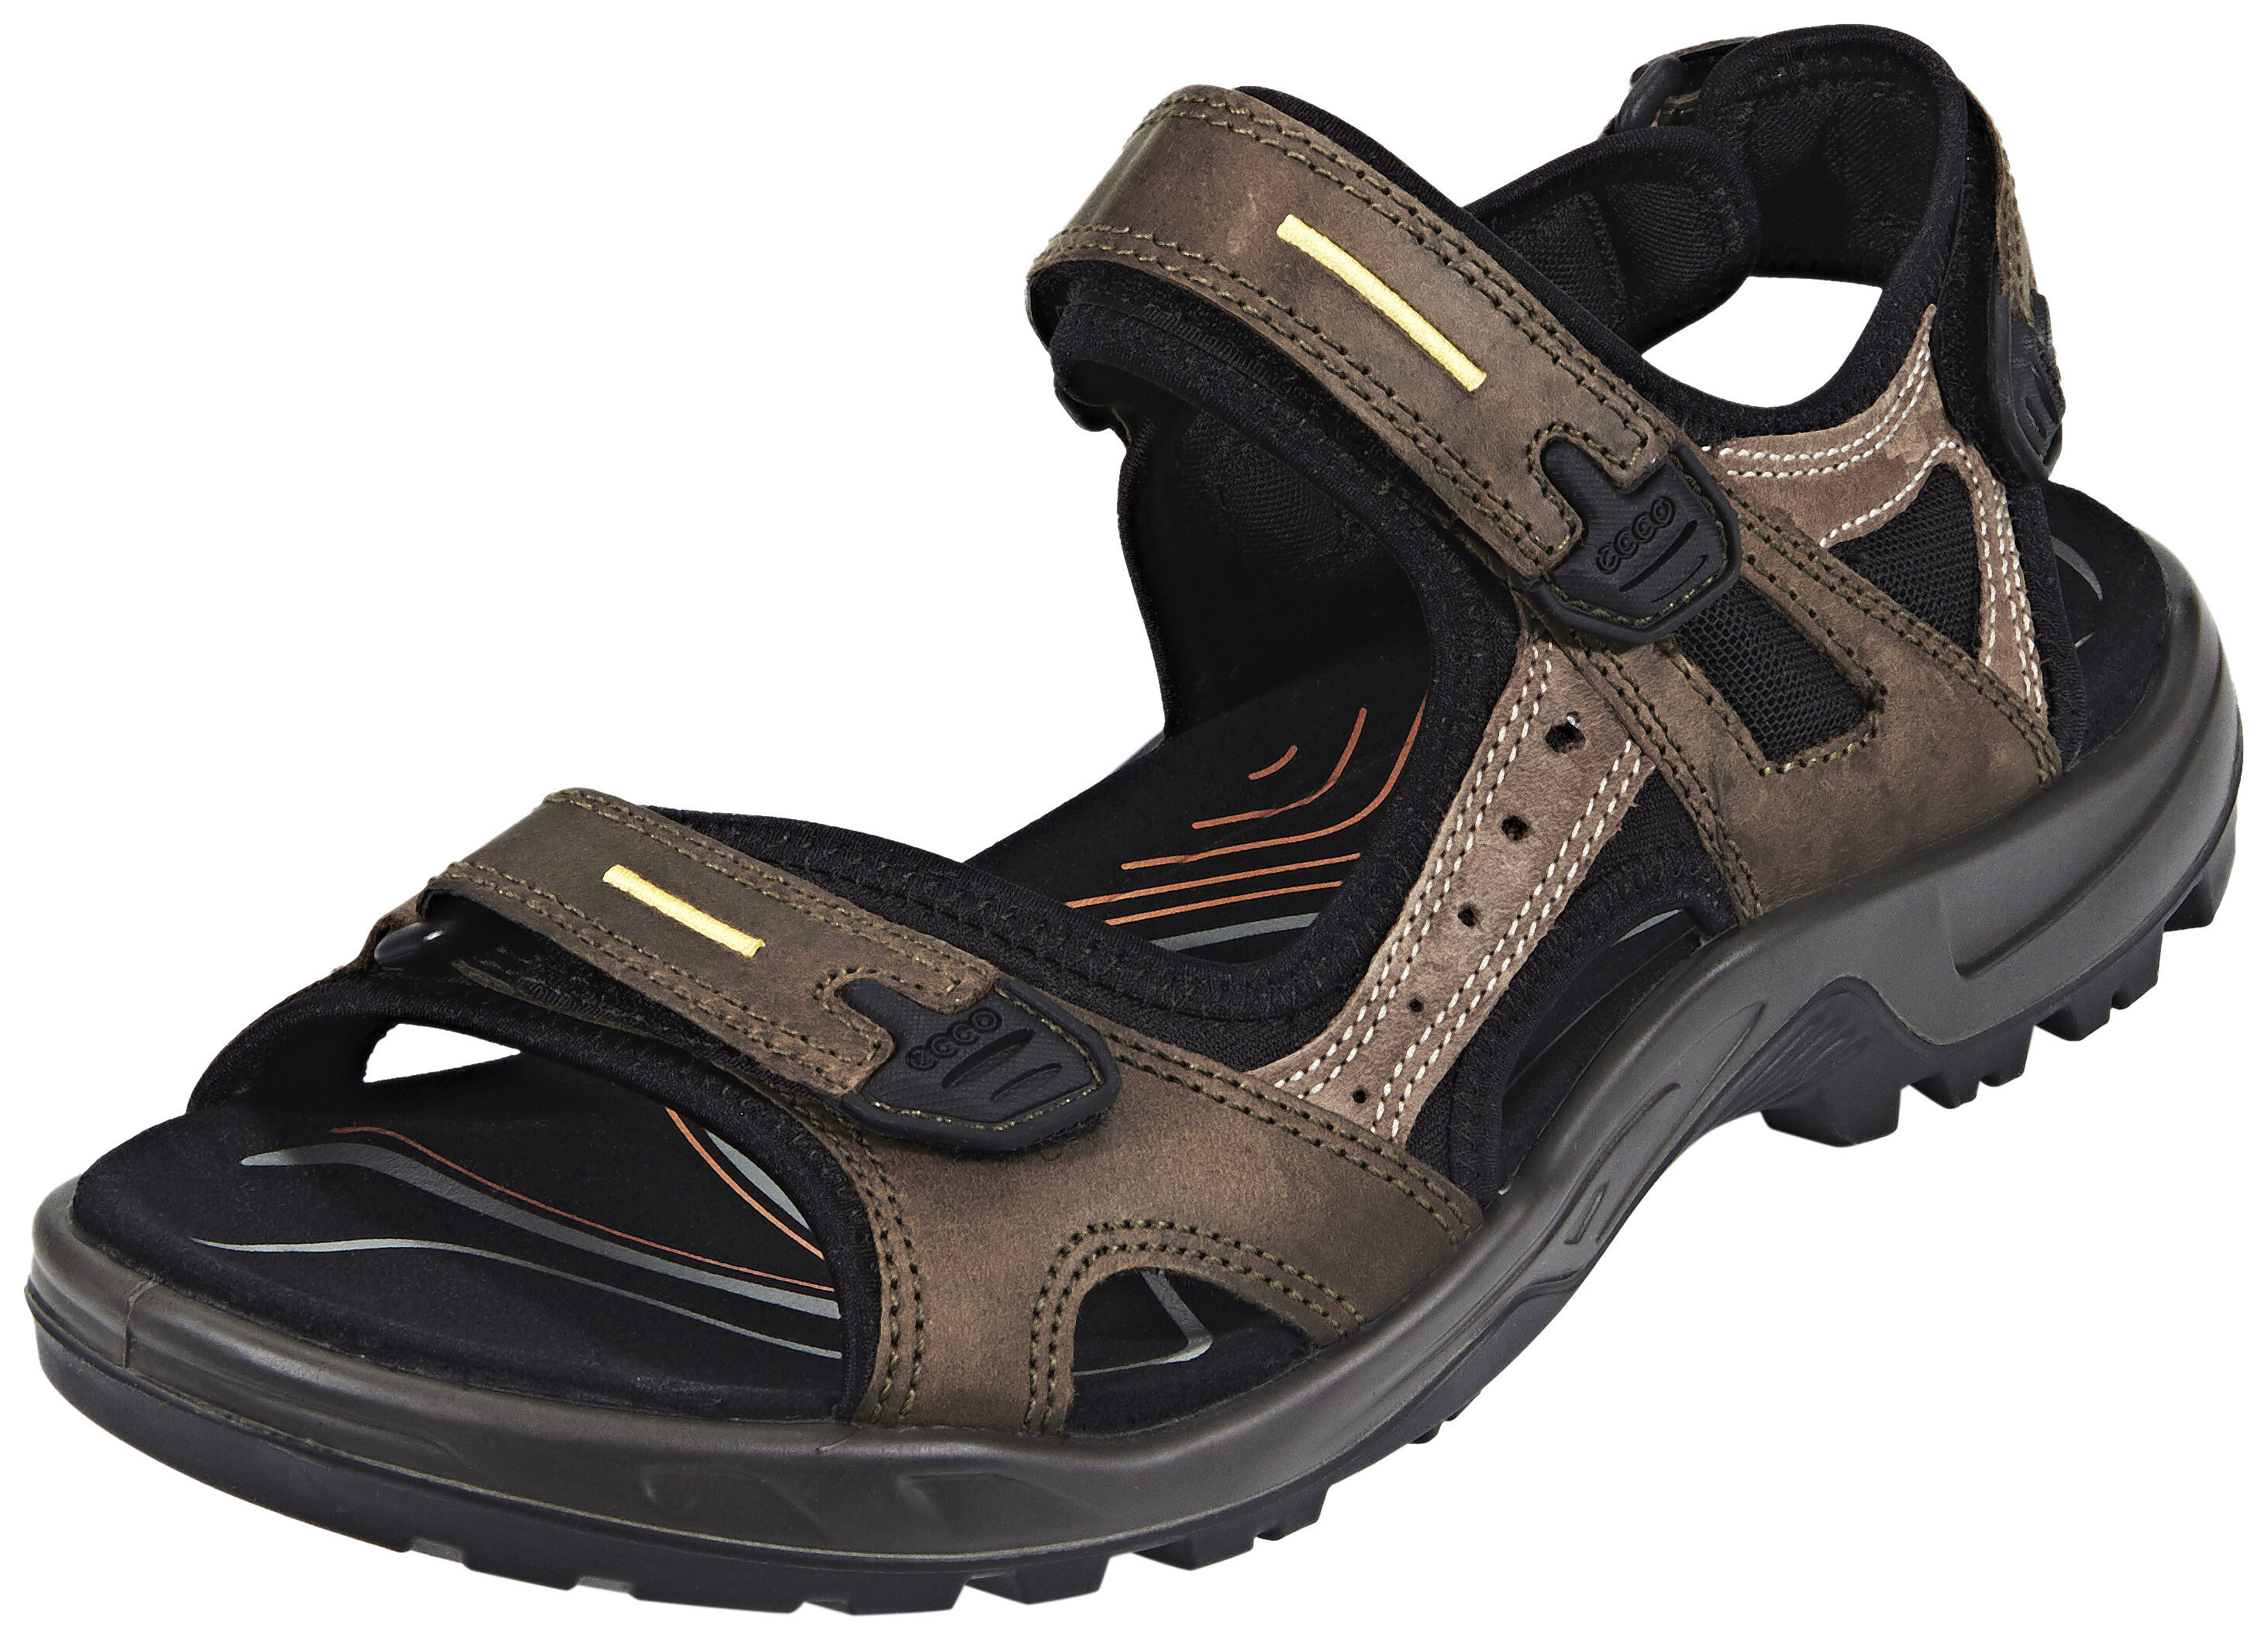 Ecco Homme Offroad Yucatan Outdoor Trail Marche Randonnée Sandales Chaussures